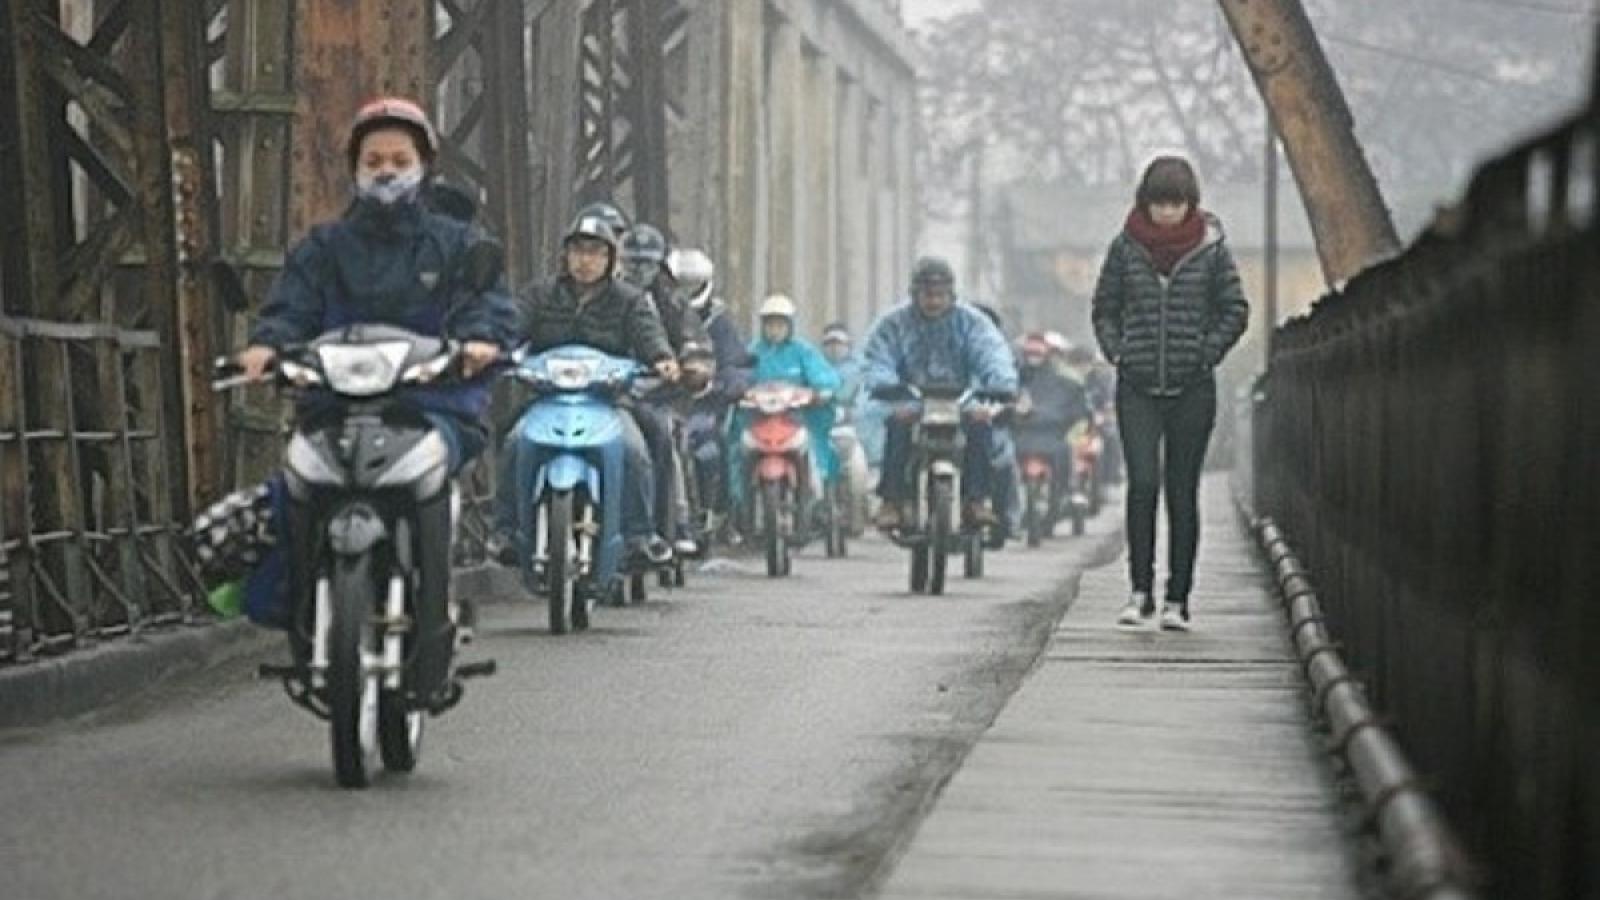 Dự báo thời tiết ngày 11/12: Bắc Bộ trời rét, sáng nhiều sương